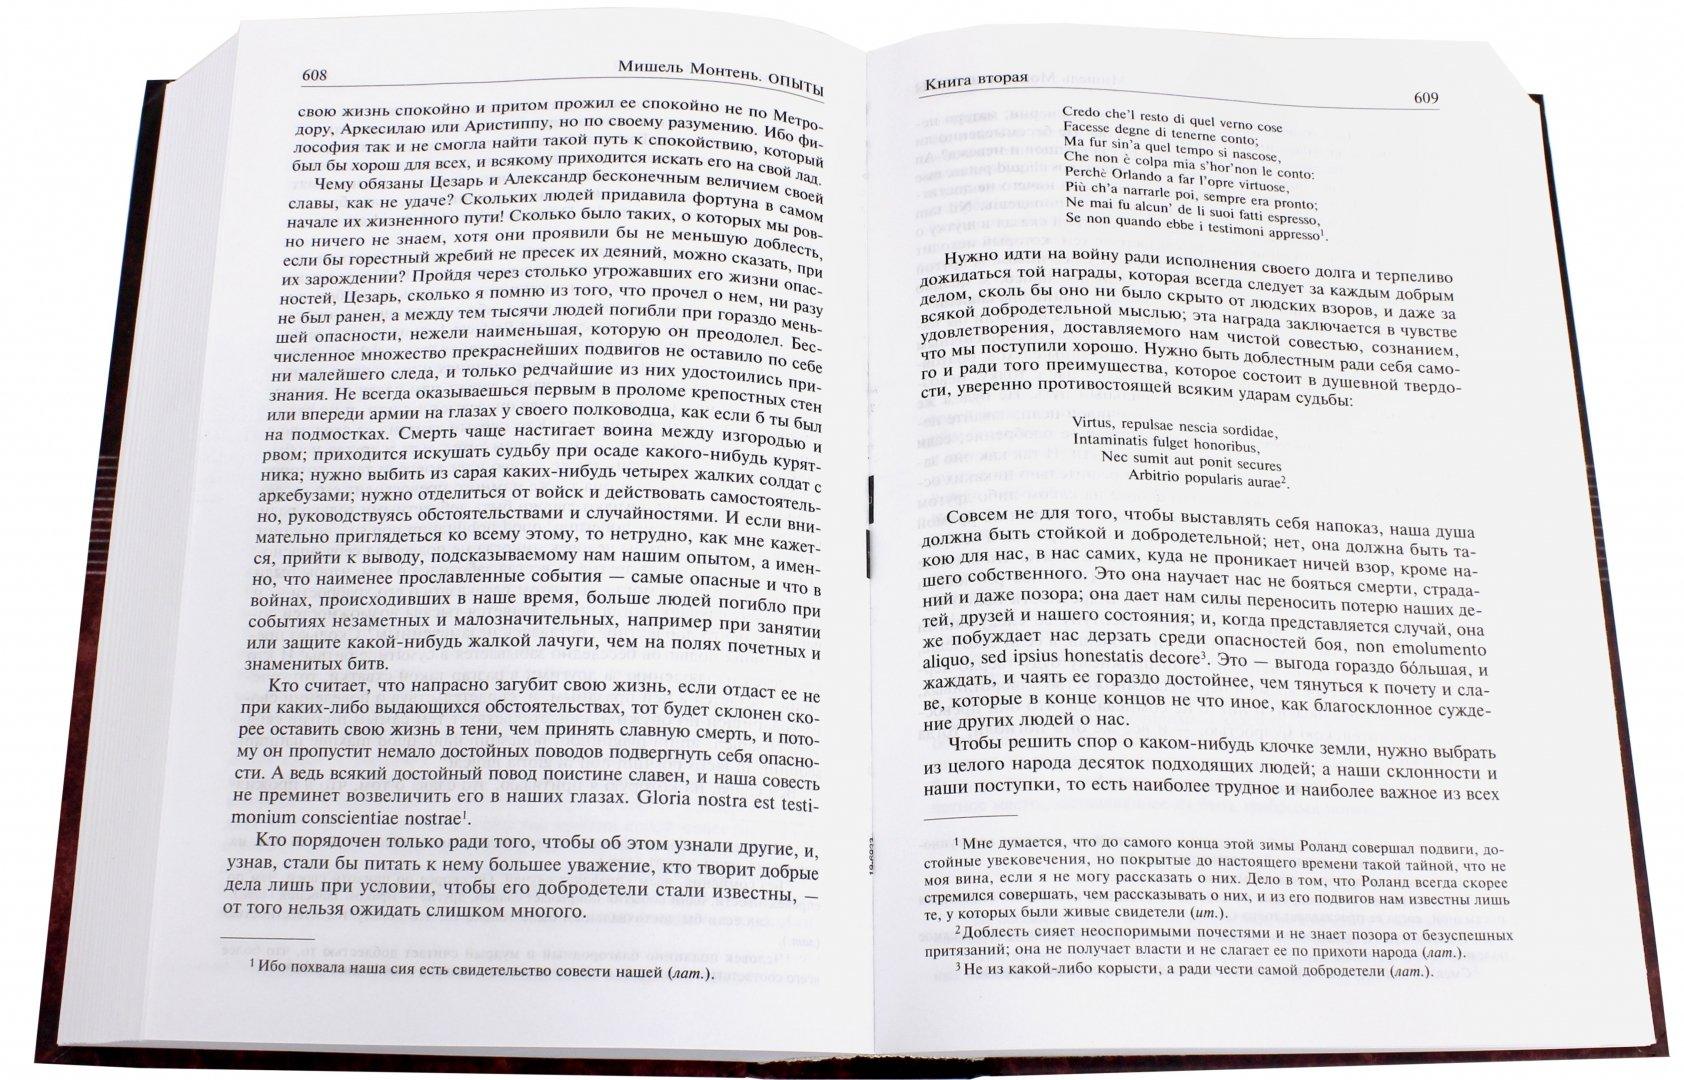 Иллюстрация 1 из 23 для Опыты. Полное издание в одном томе - Мишель Монтень | Лабиринт - книги. Источник: Лабиринт